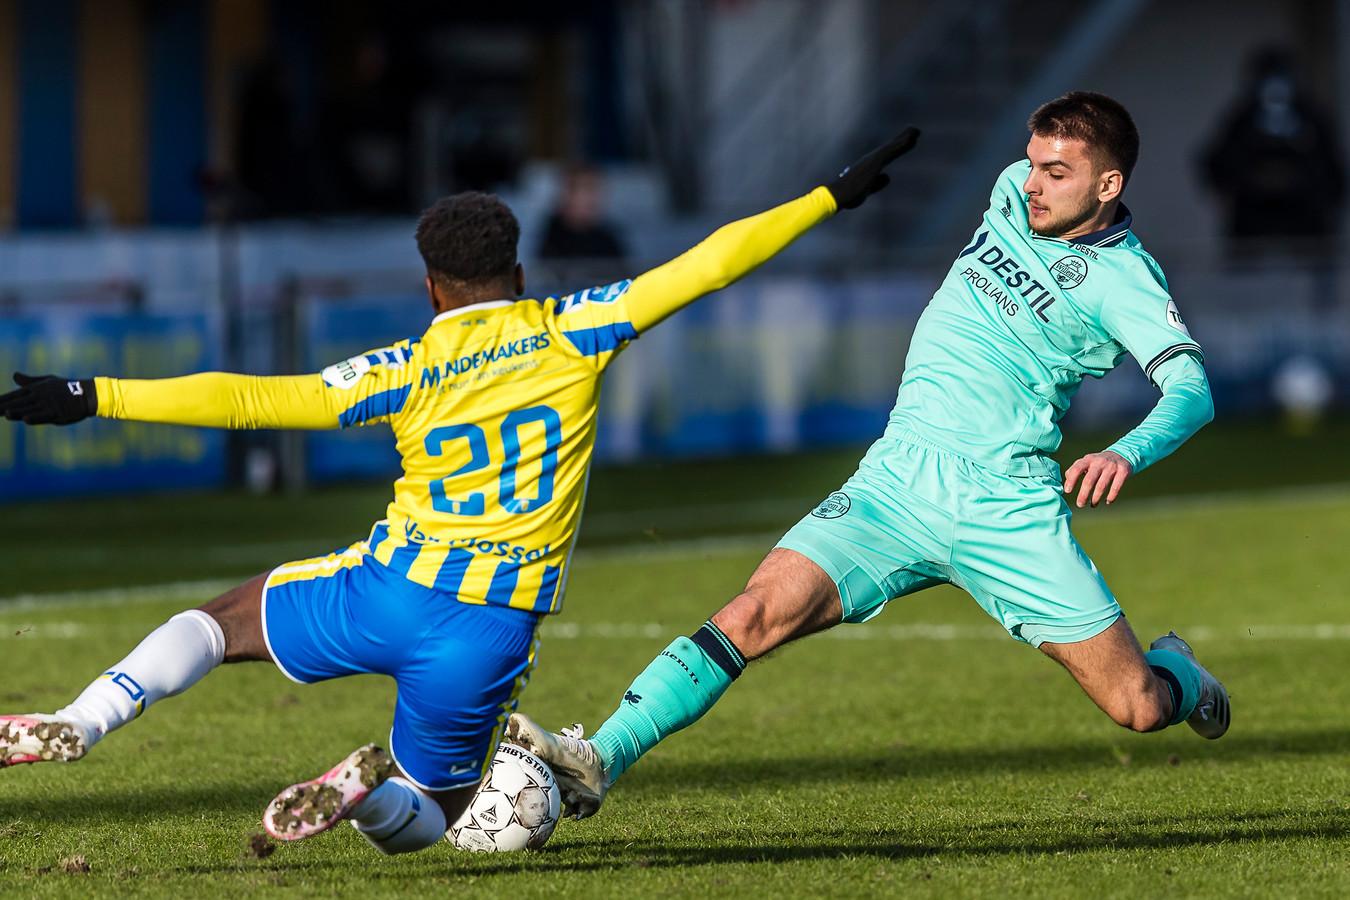 RKC'er Thierry Lutonda en Willem II'er Lindon Selahi in een duel om de bal tijdens de onderlinge ontmoeting van beide ploegen in Waalwijk dit seizoen, die in 1-1 eindigde.